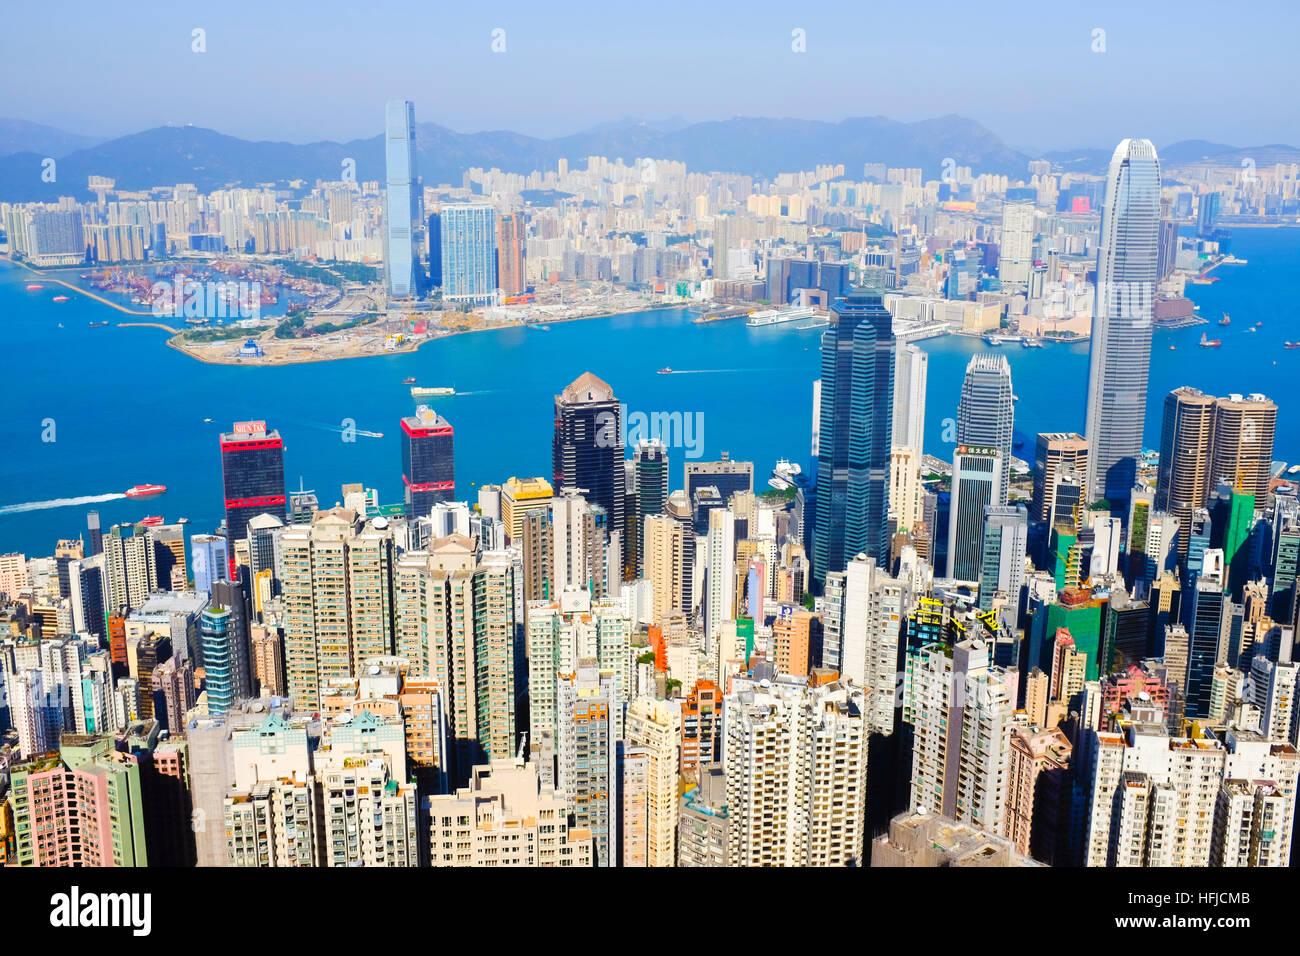 Skyline di Hong Kong, Hong Kong, in Asia. Immagini Stock